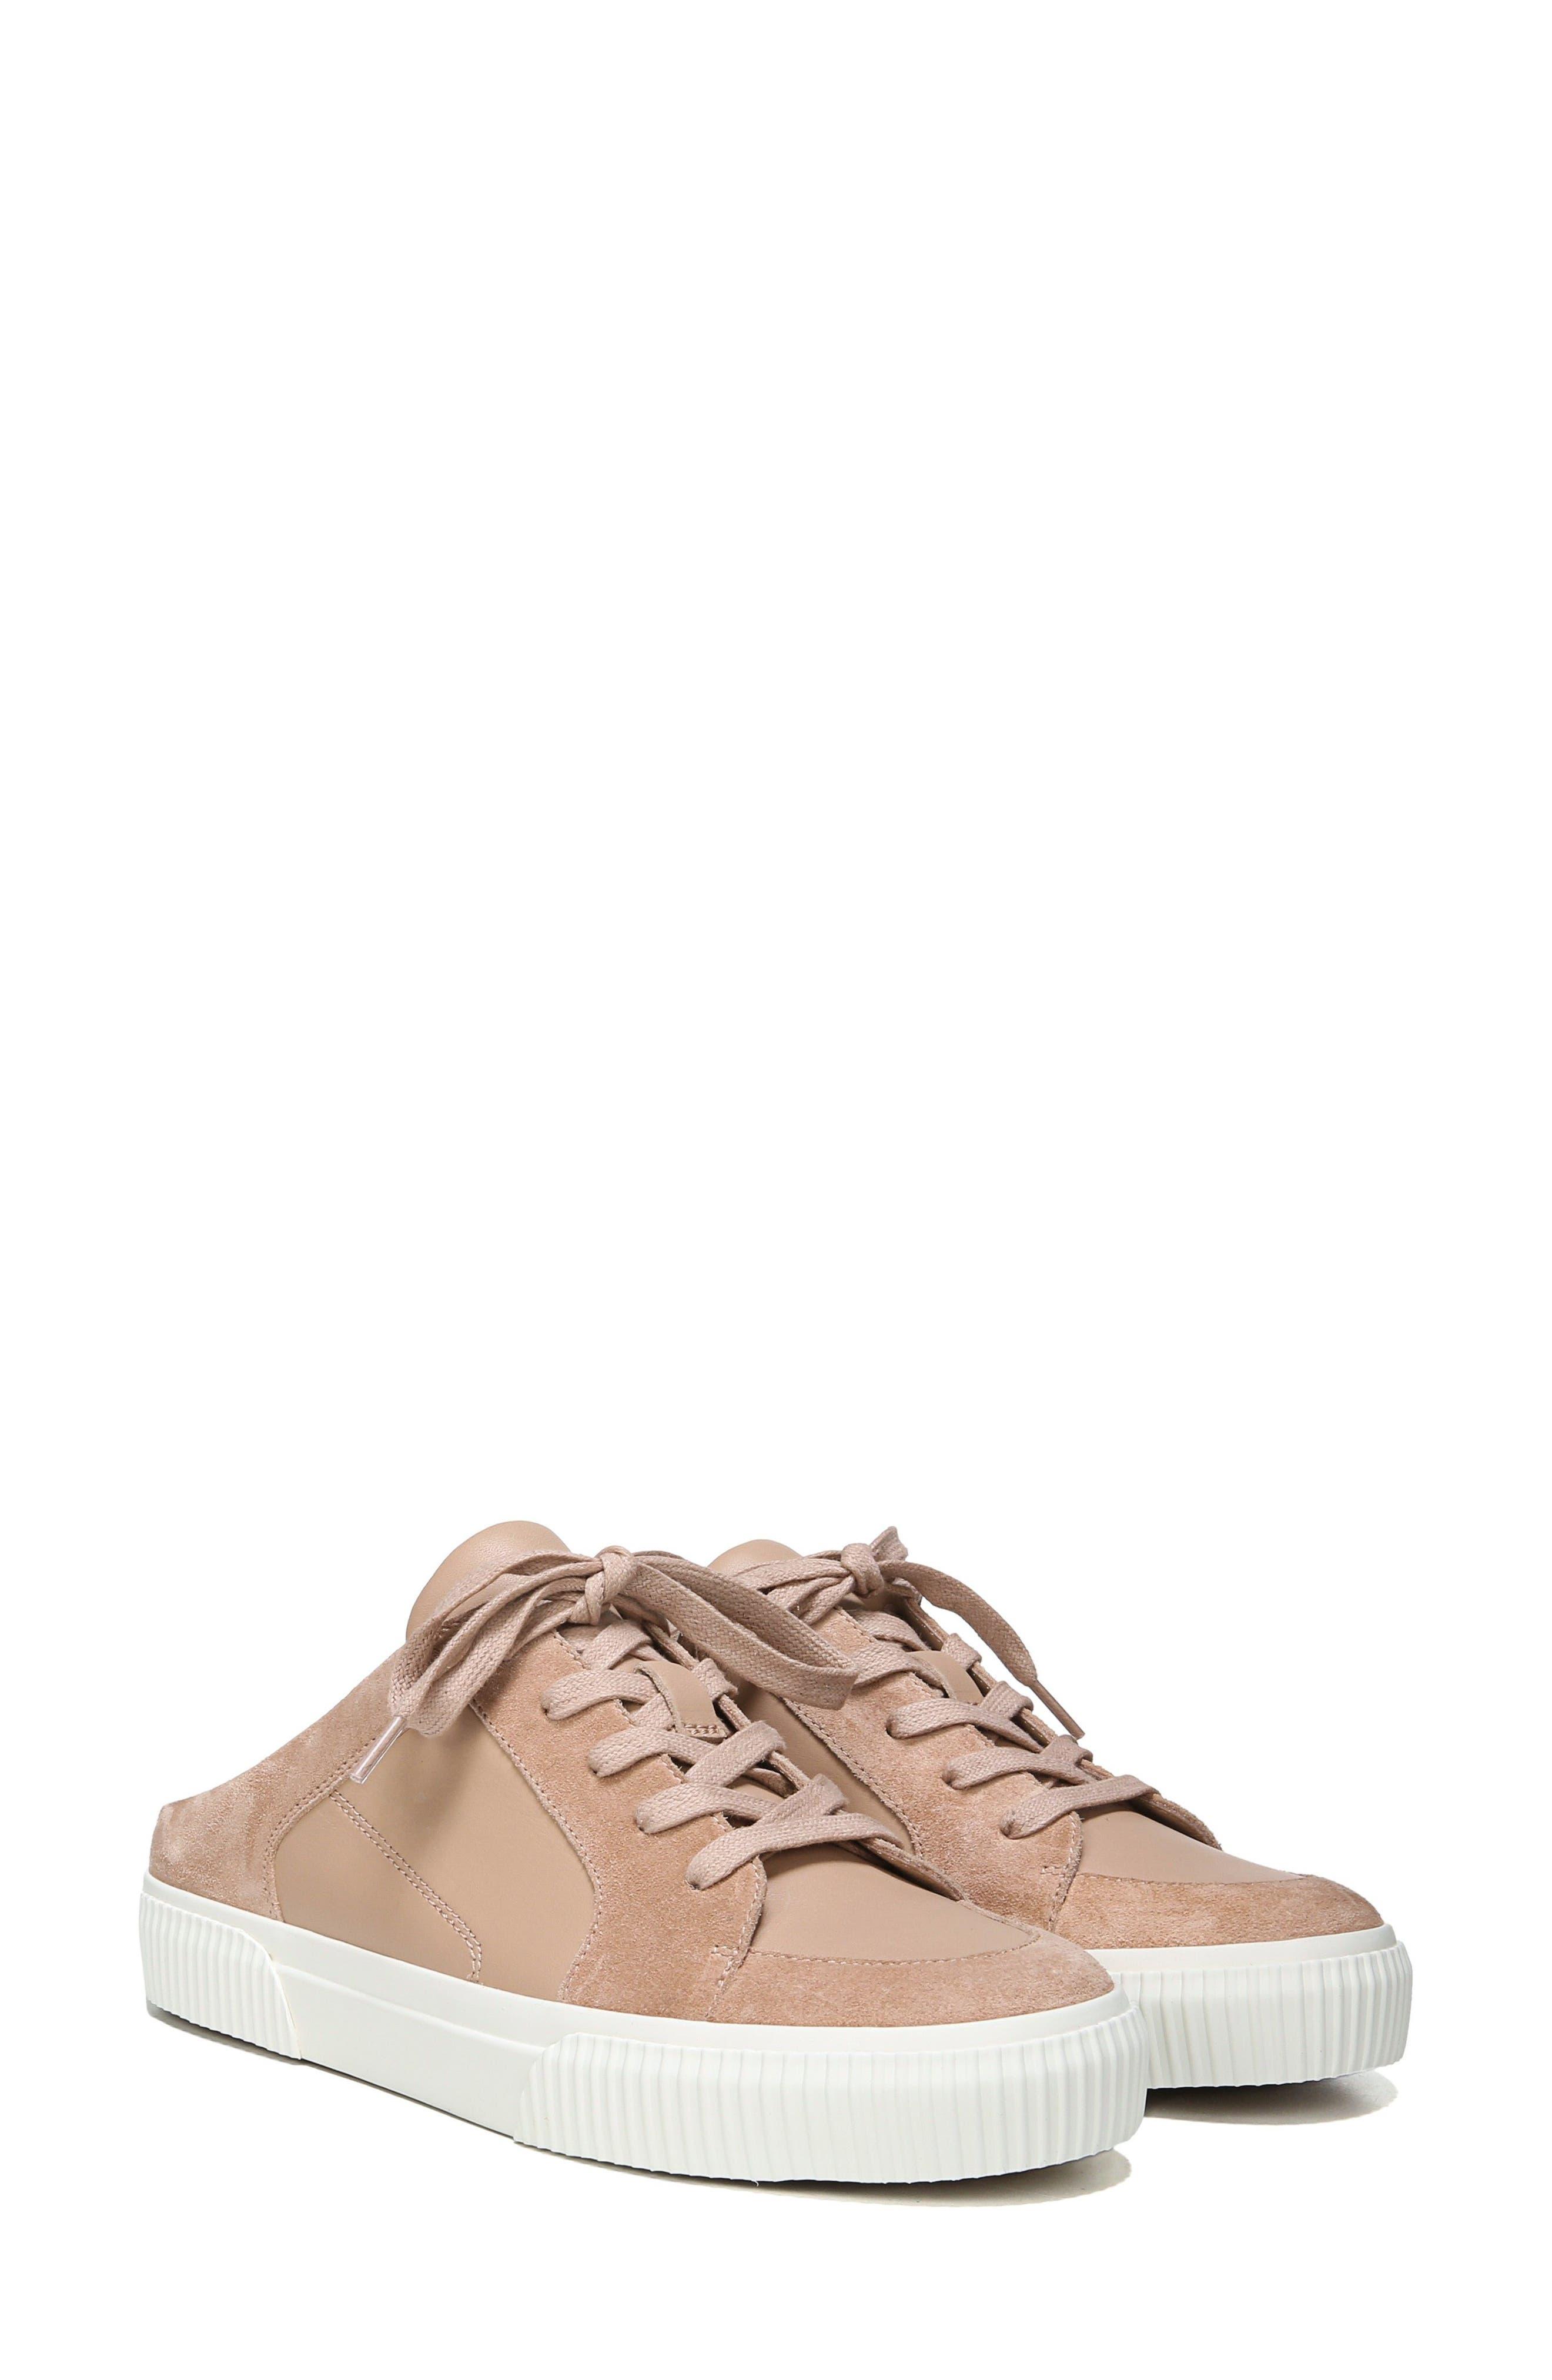 Kess Slip-On Sneaker,                             Alternate thumbnail 7, color,                             251